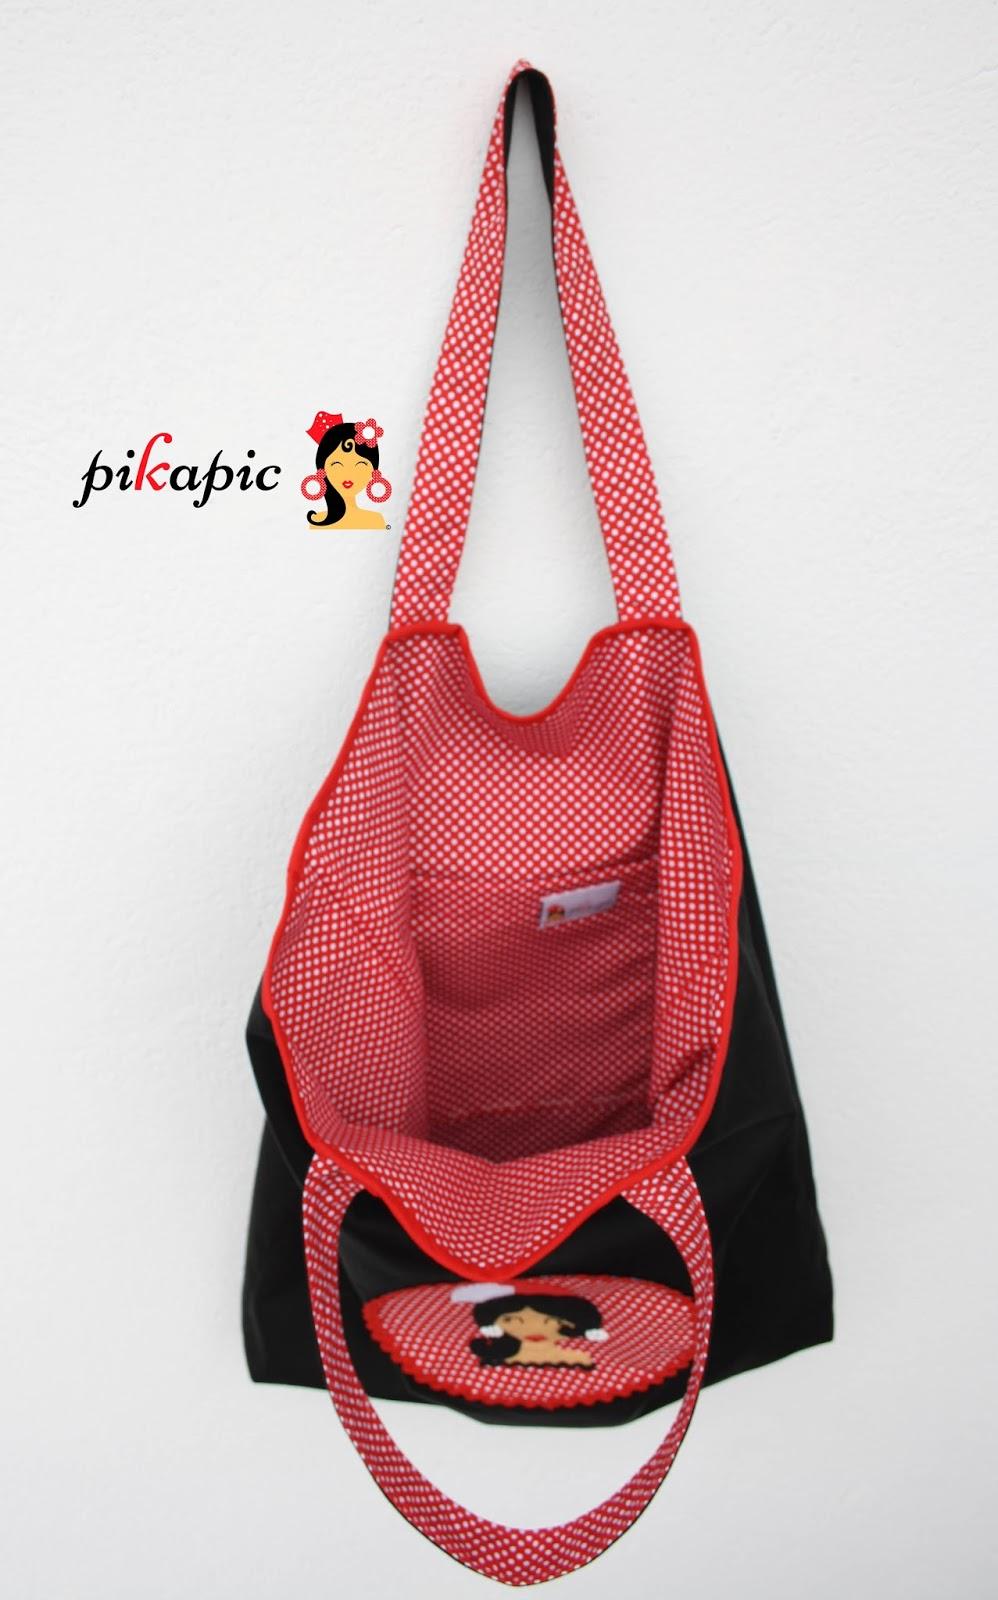 091fded53 ... Bolso para clases de baile flamenco Pikapic